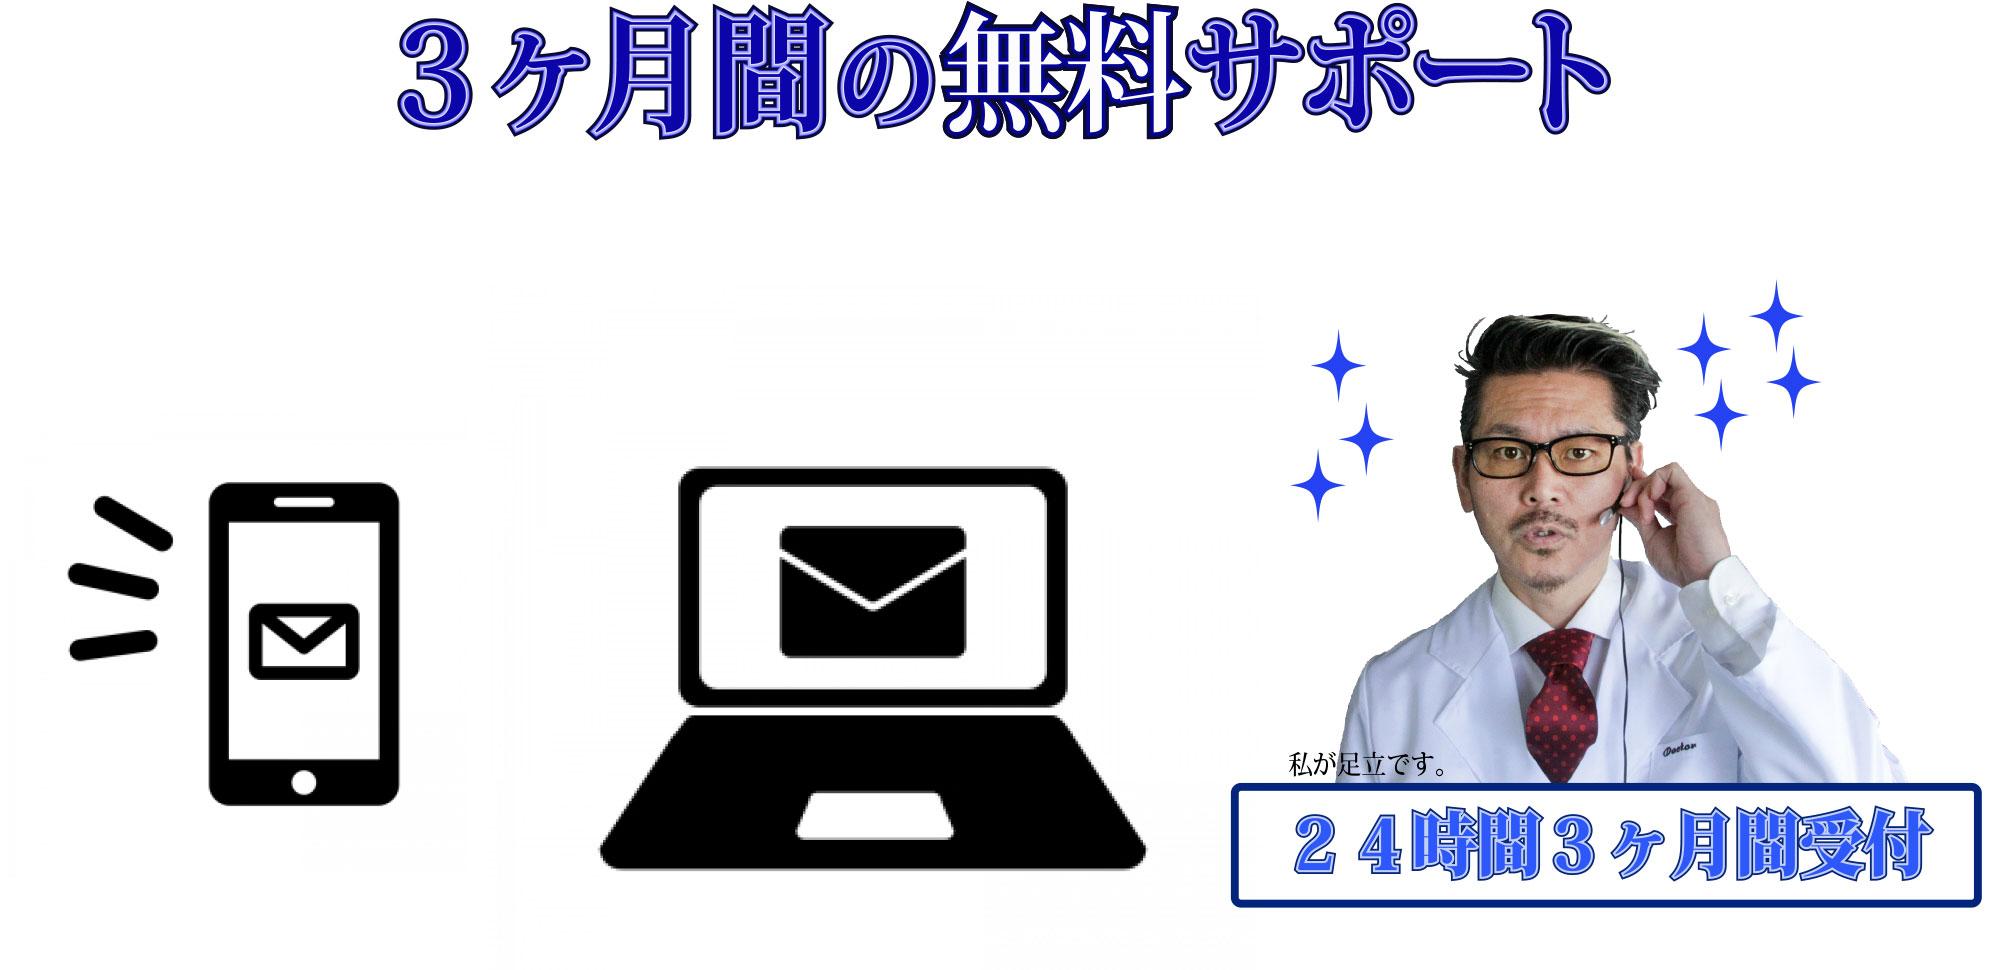 無料メールサポート